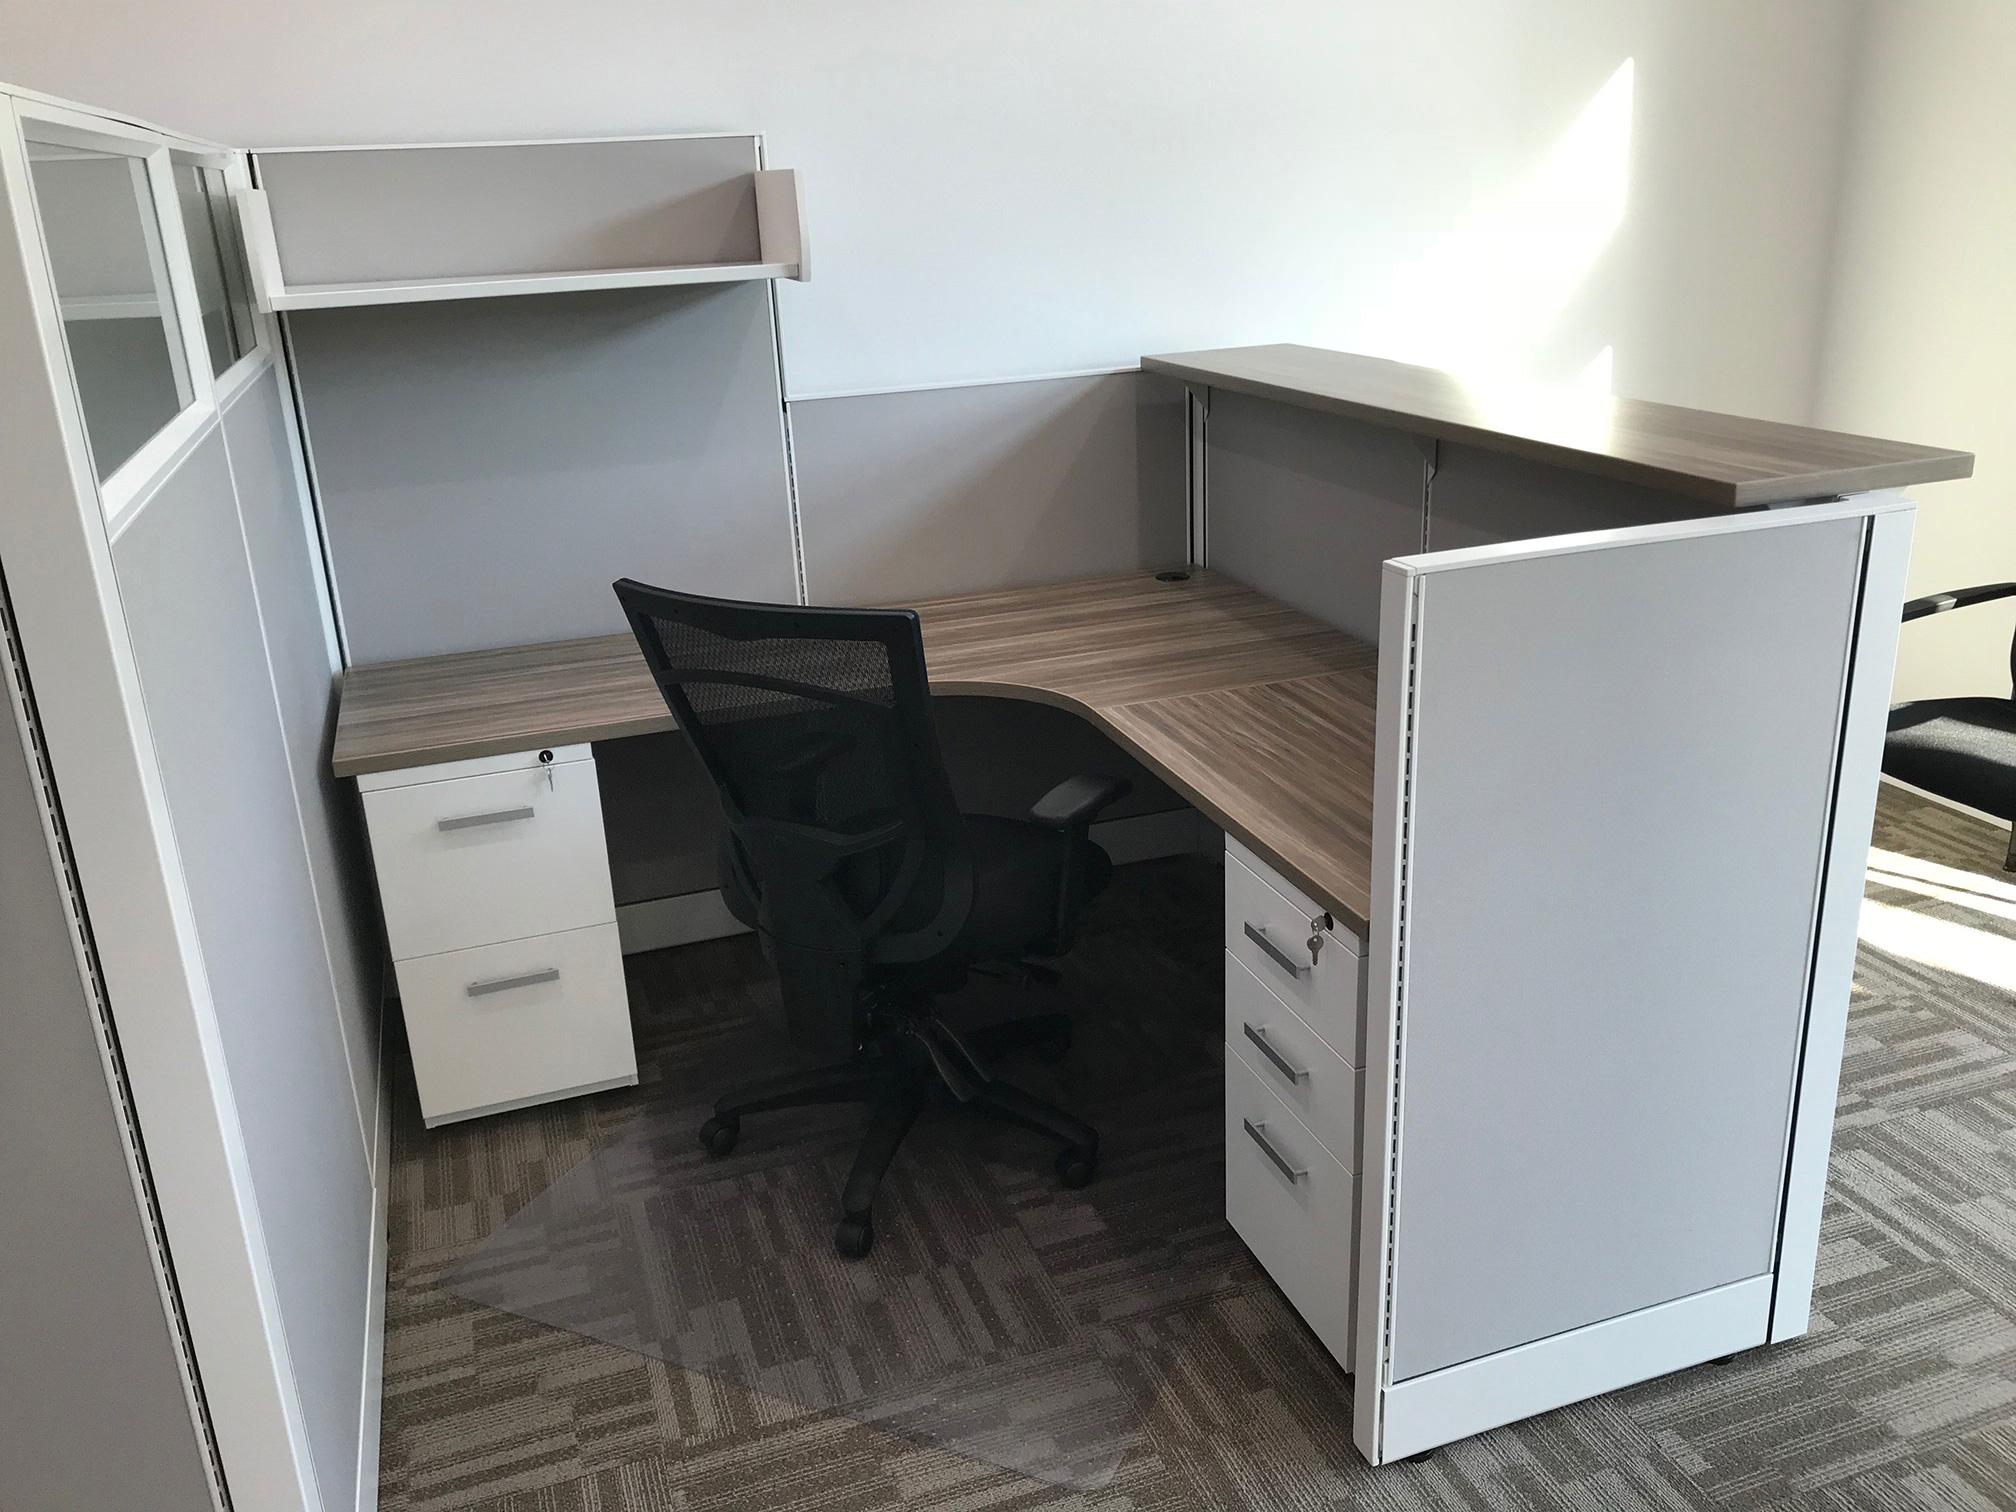 office-cubicles-for-sale-in-deerfield-beach-florida-3-2.jpg